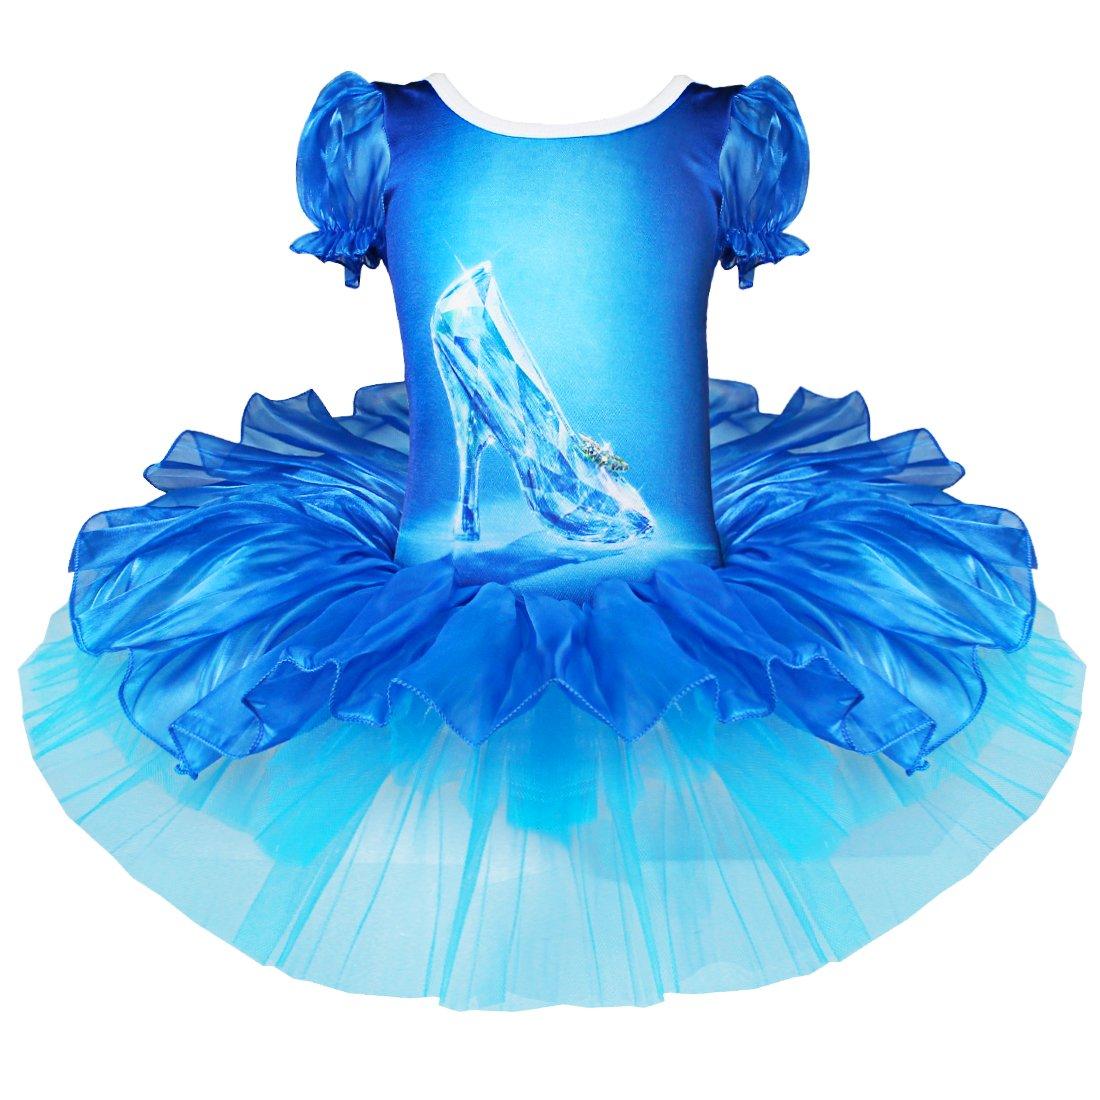 iEFiEL Girls Kids Glitter Crystal Shoes Ballet Dance Tutu Dress ...